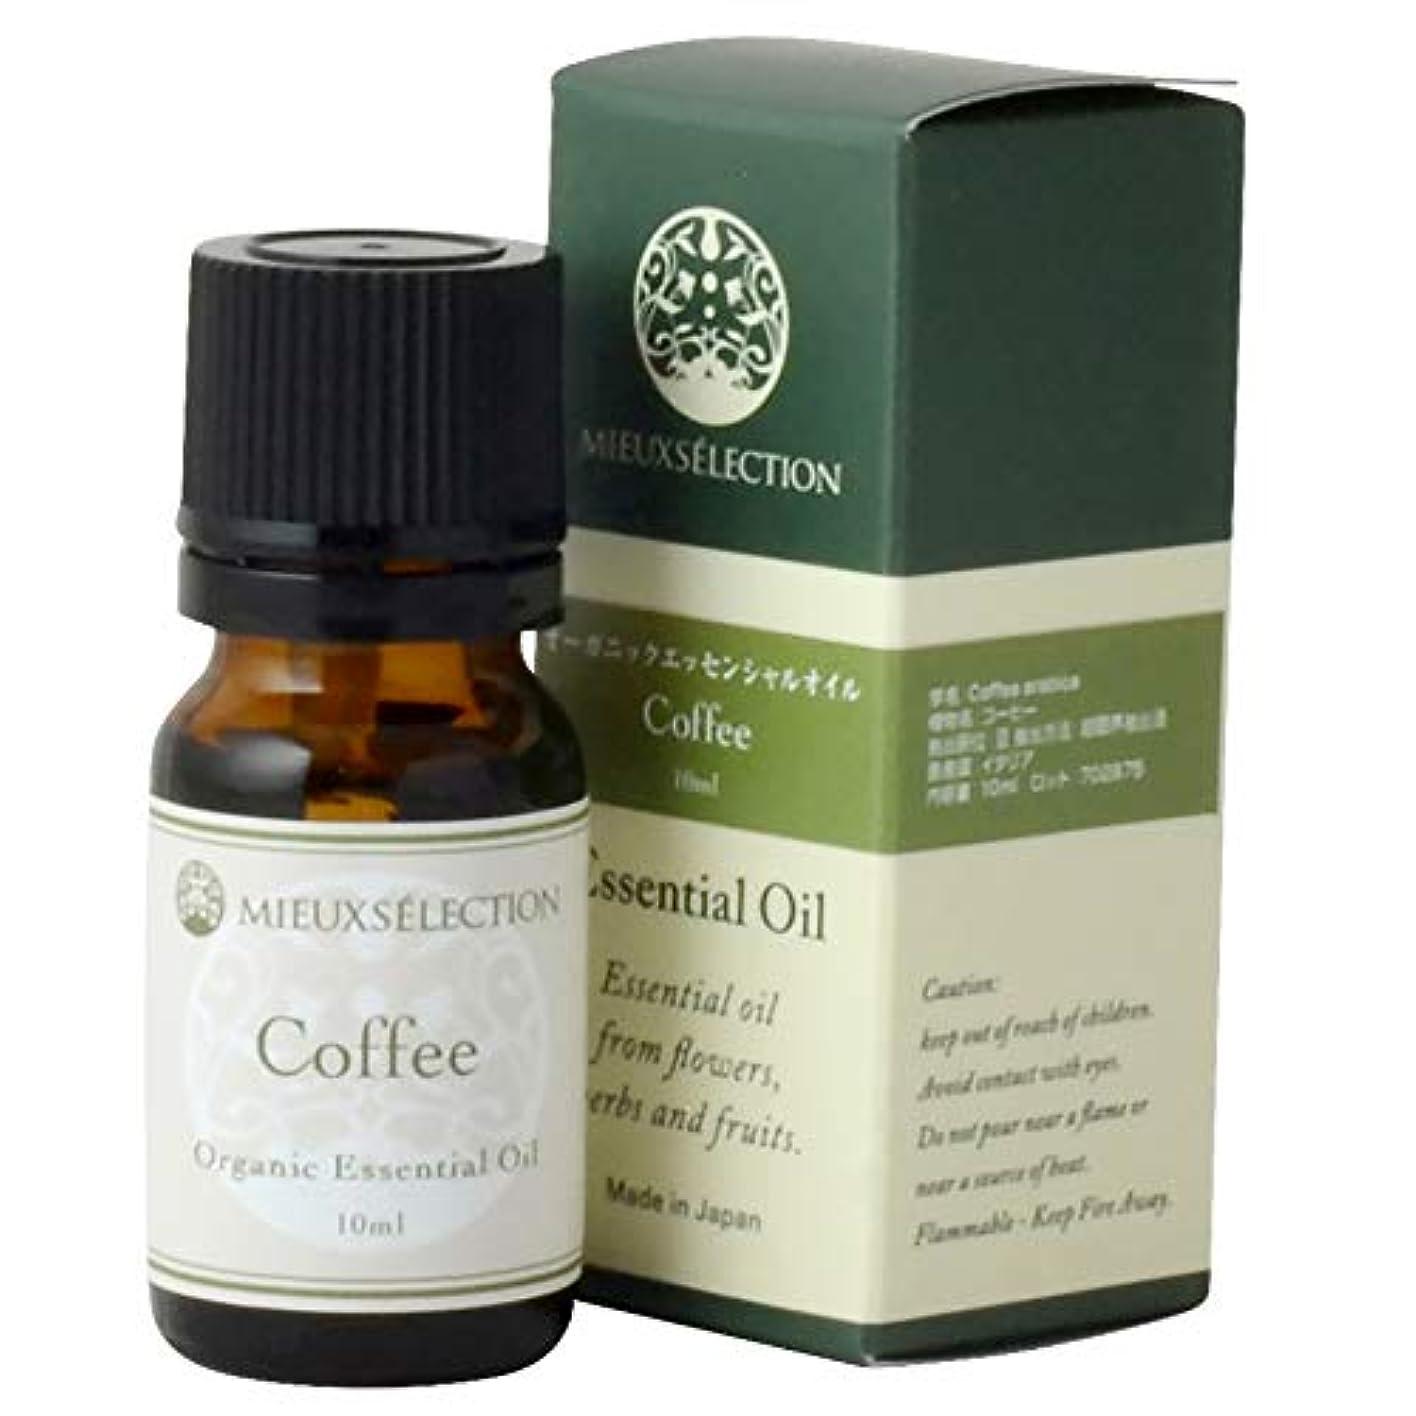 人生を作るレパートリー見分けるオーガニックCO2エキストラクト コーヒー 10ml